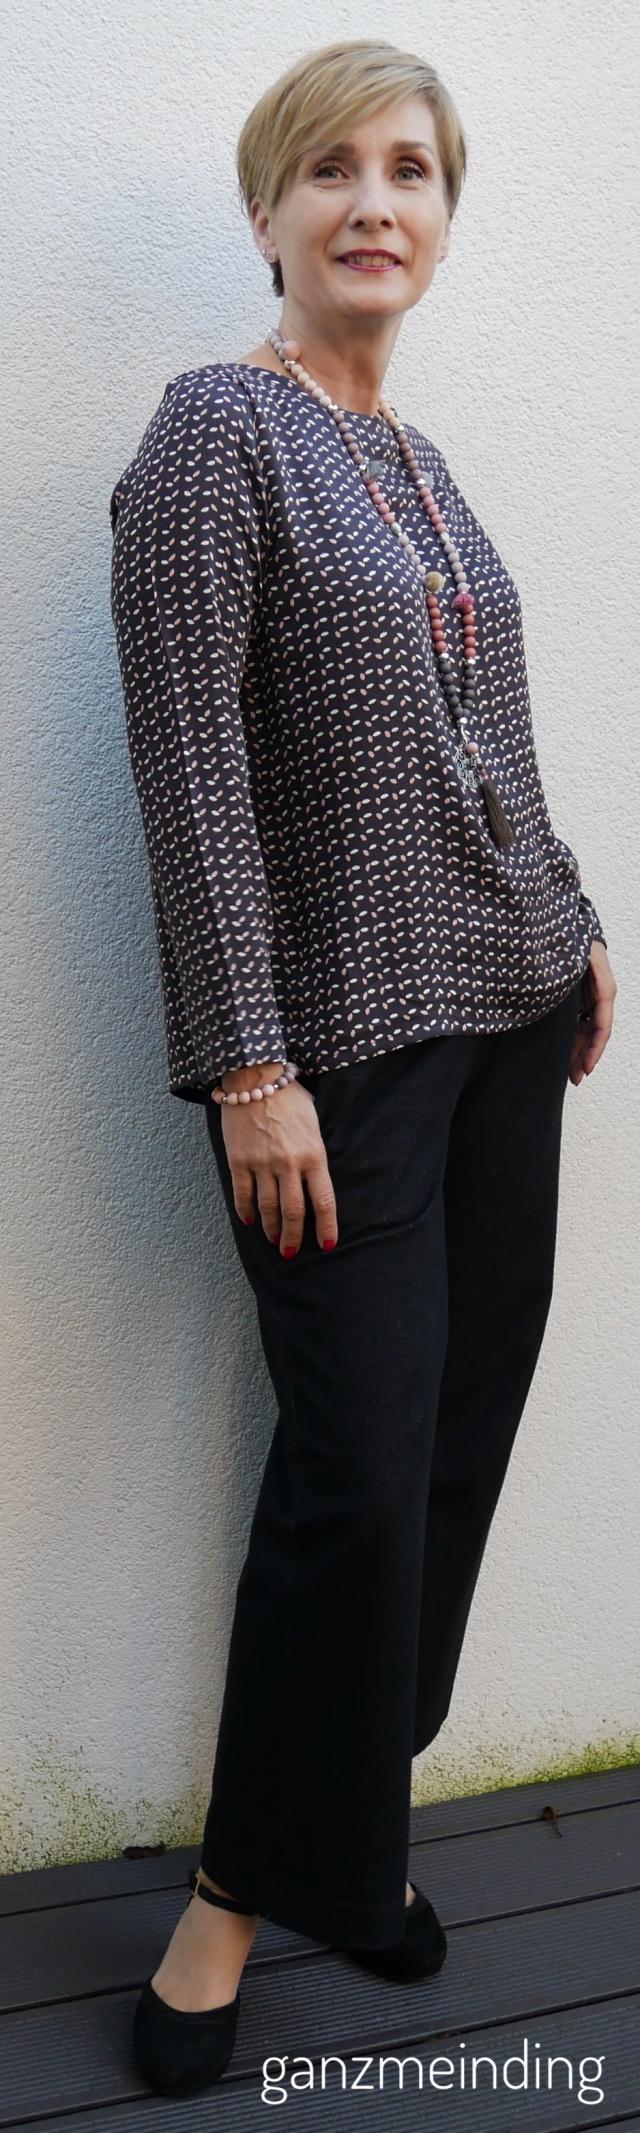 Weite Hose und Frau Yoko, die Komplizin, fritzi schnittreif, genäht von ganzmeinding 02